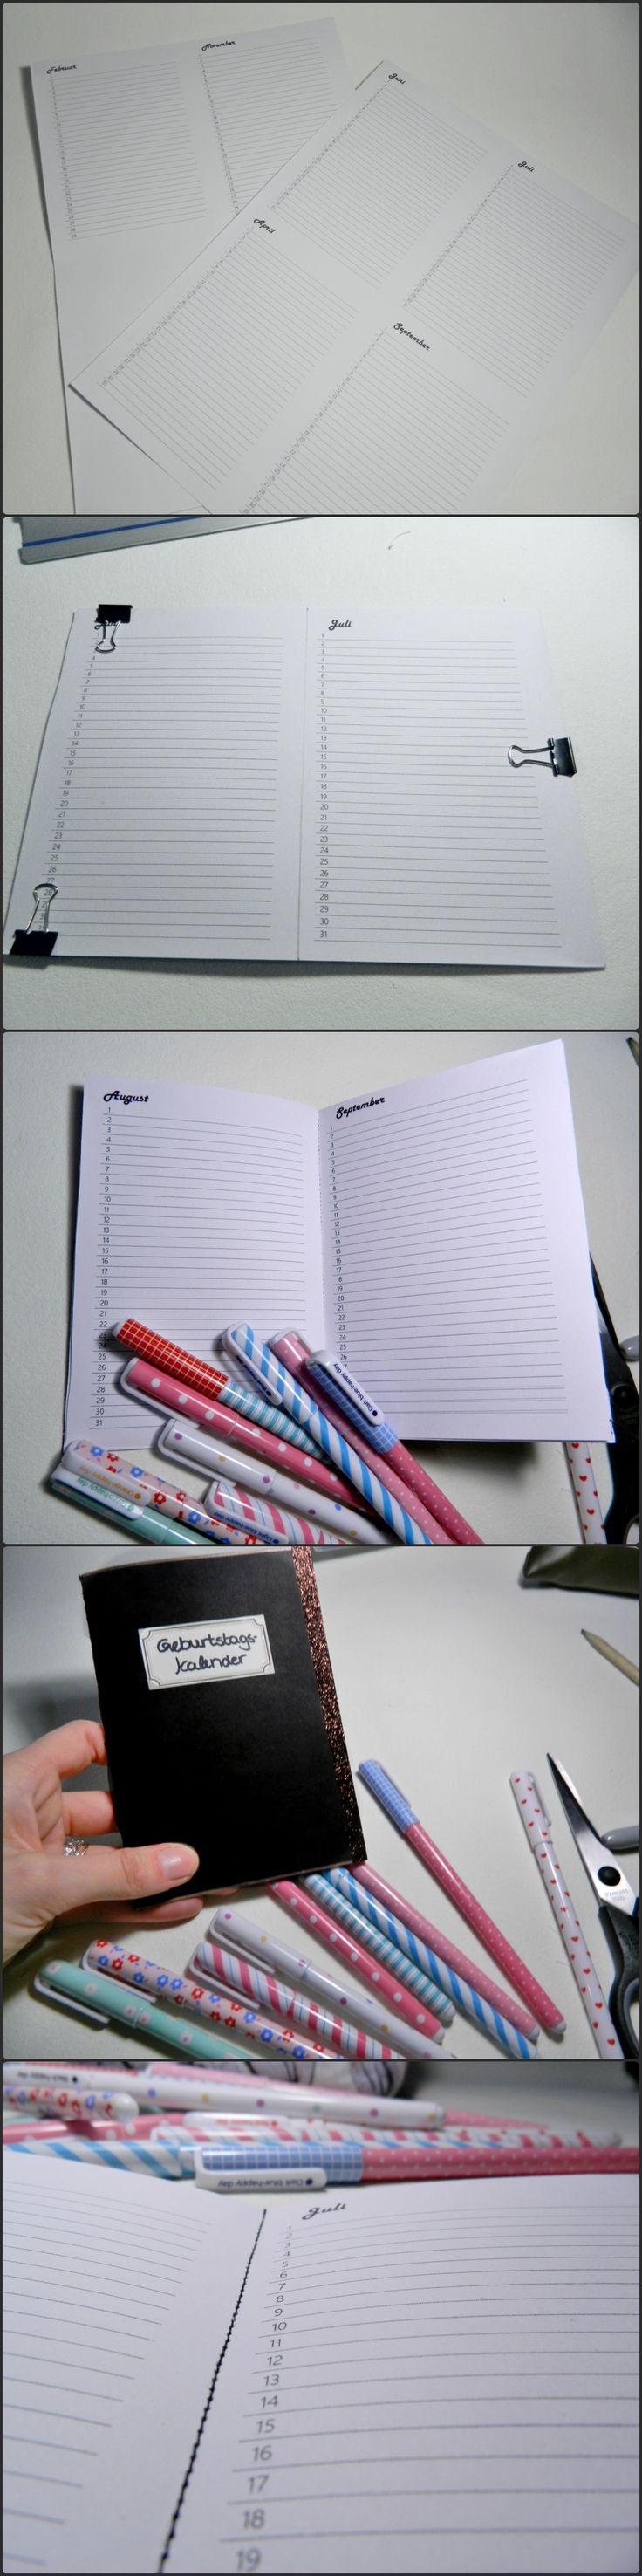 ber ideen zu geburtstagskalender basteln auf pinterest diy kalender. Black Bedroom Furniture Sets. Home Design Ideas